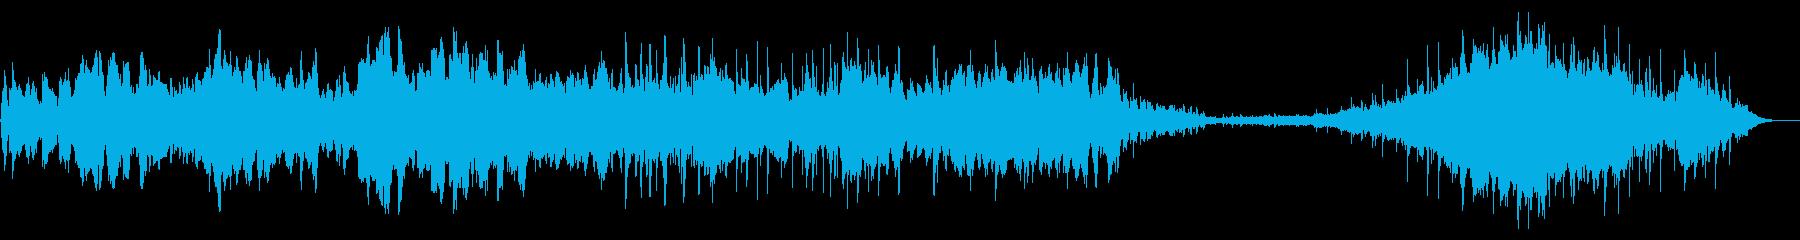 異世界、民族調、実験的ヒーリング音楽の再生済みの波形